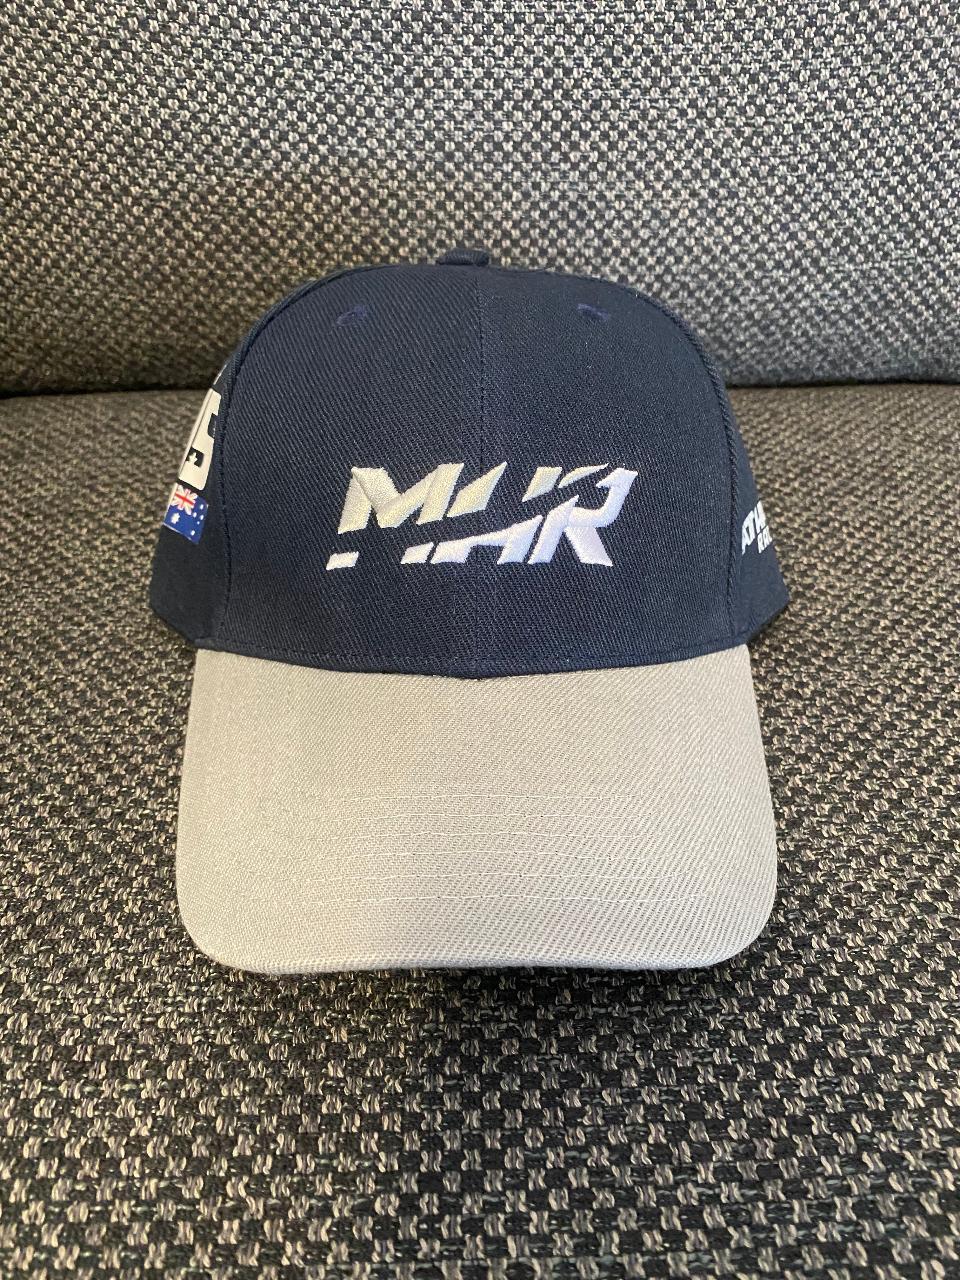 Team MHR cap